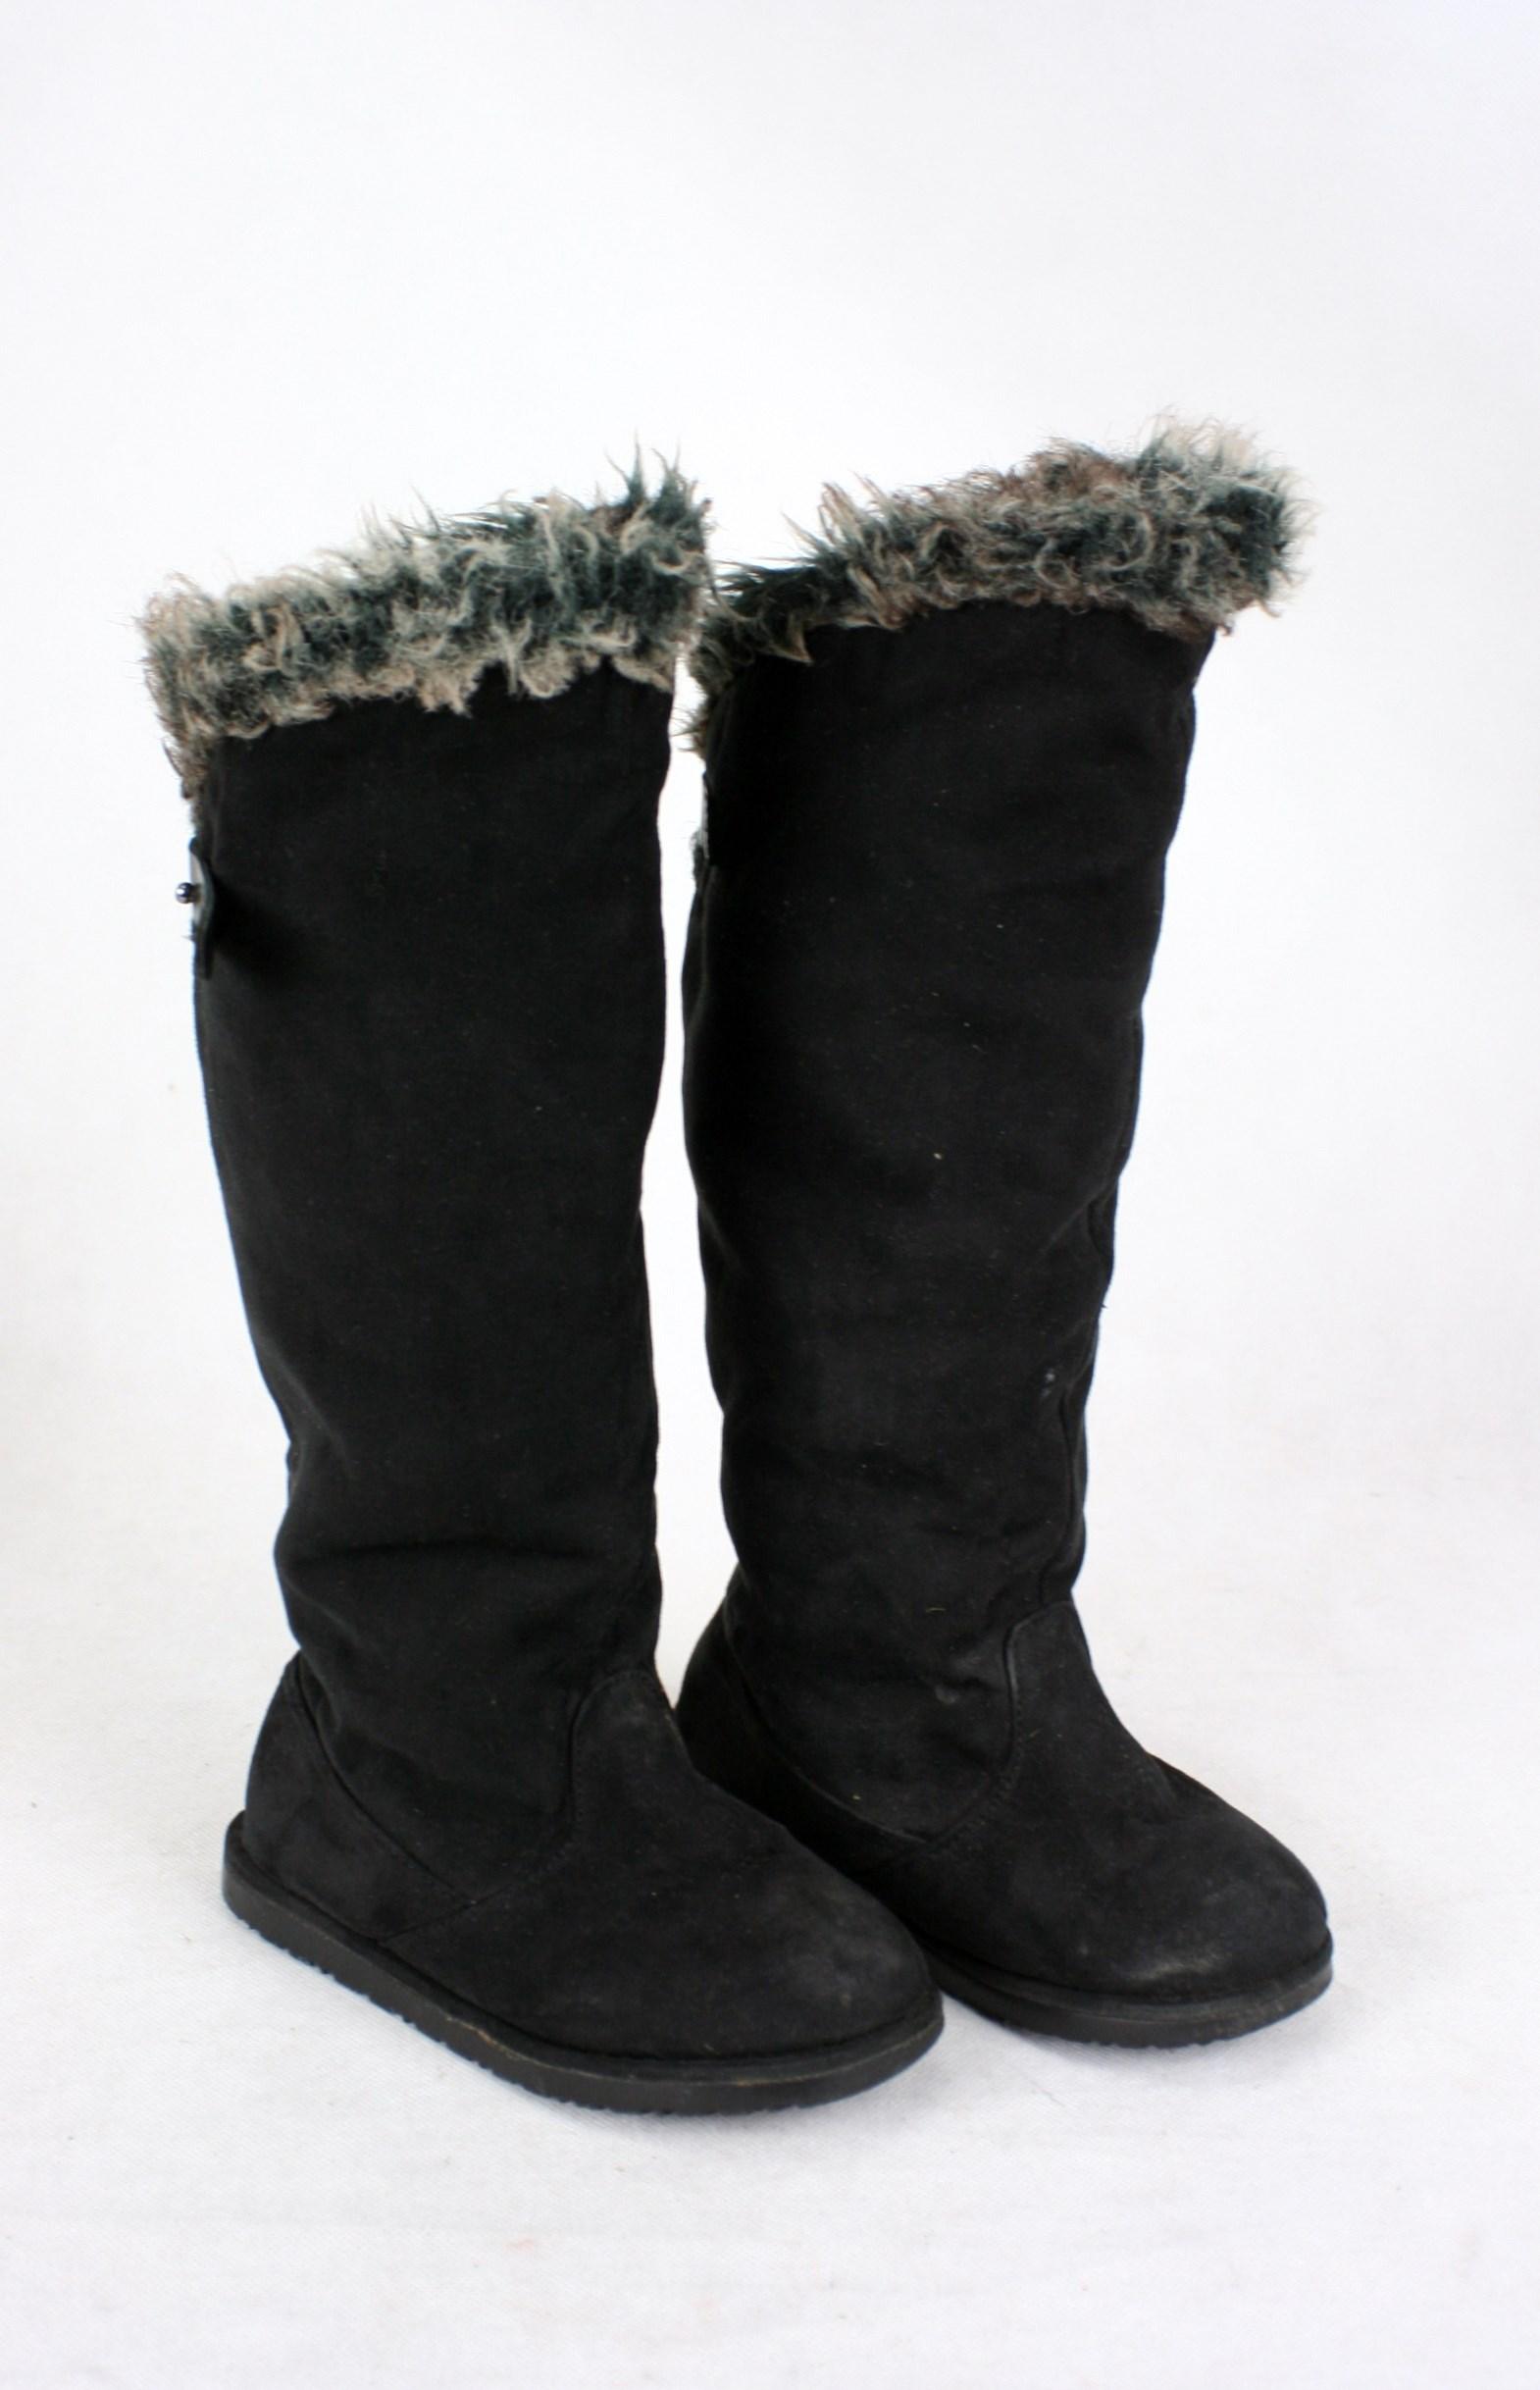 7bb03ad78e2f81 Kozaki dla dziewczynki zimowe Zara Girls 28 - 7356525737 - oficjalne ...